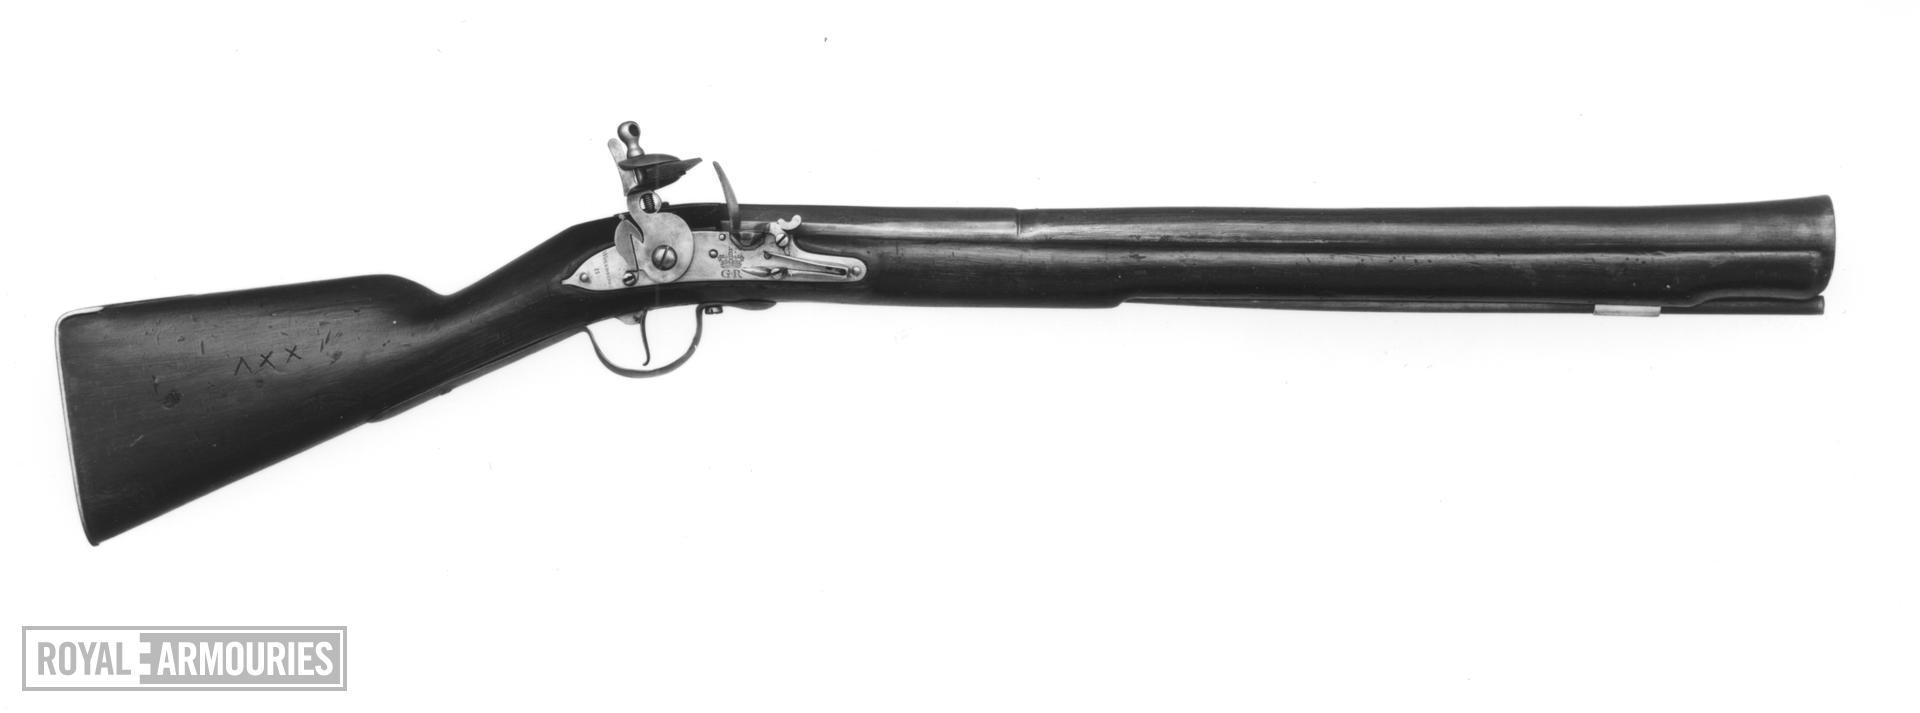 Flintlock muzzle-loading musketoon - Pattern 1704 Sea Service?